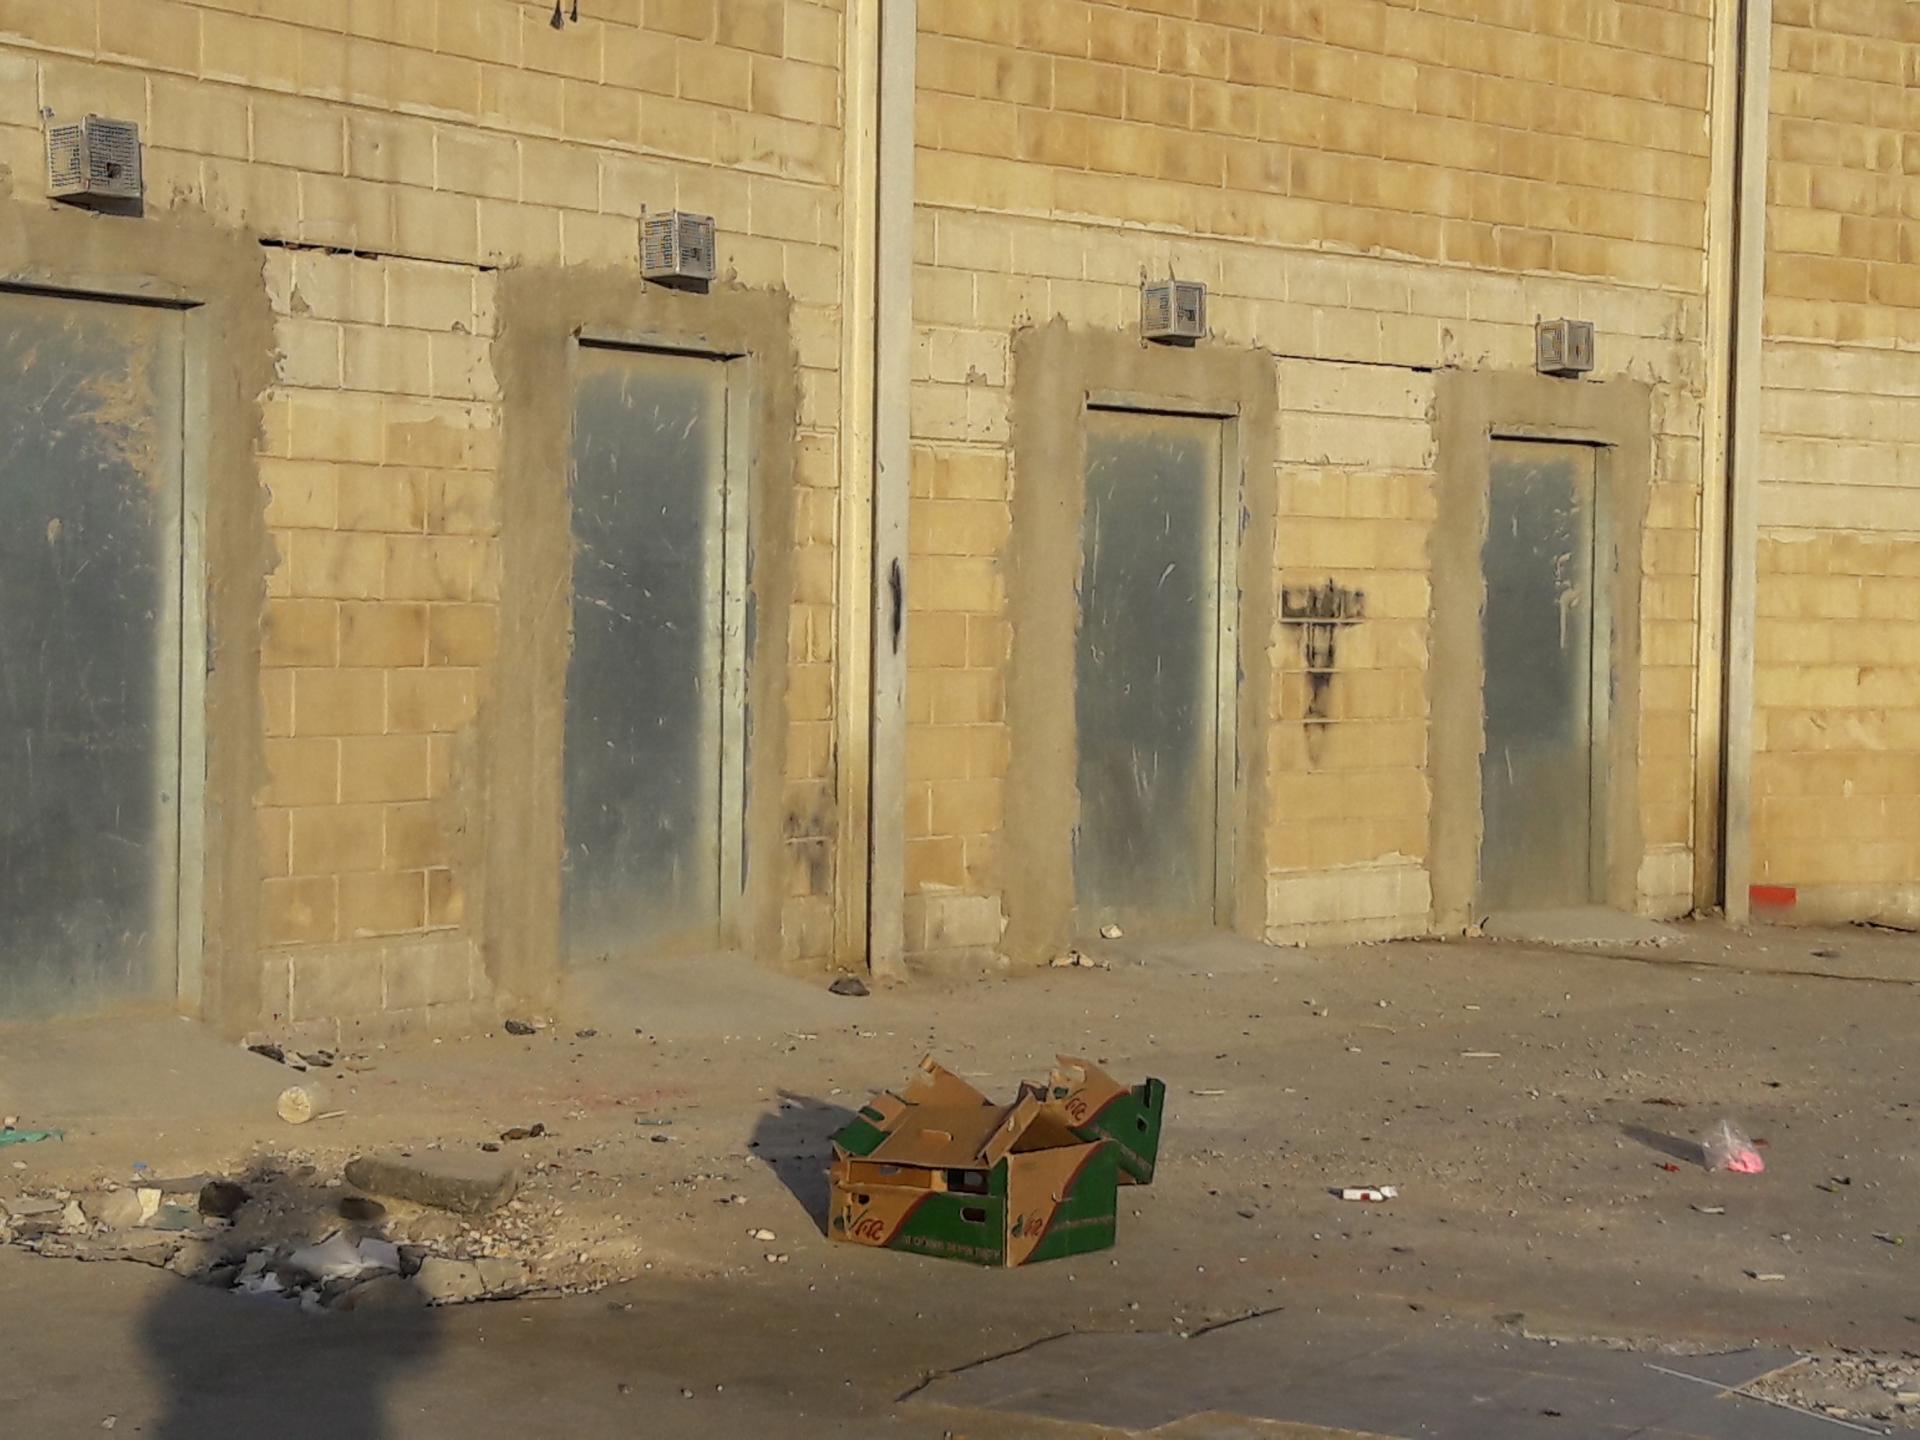 הדלתות בקיר ליד המחסום הישן